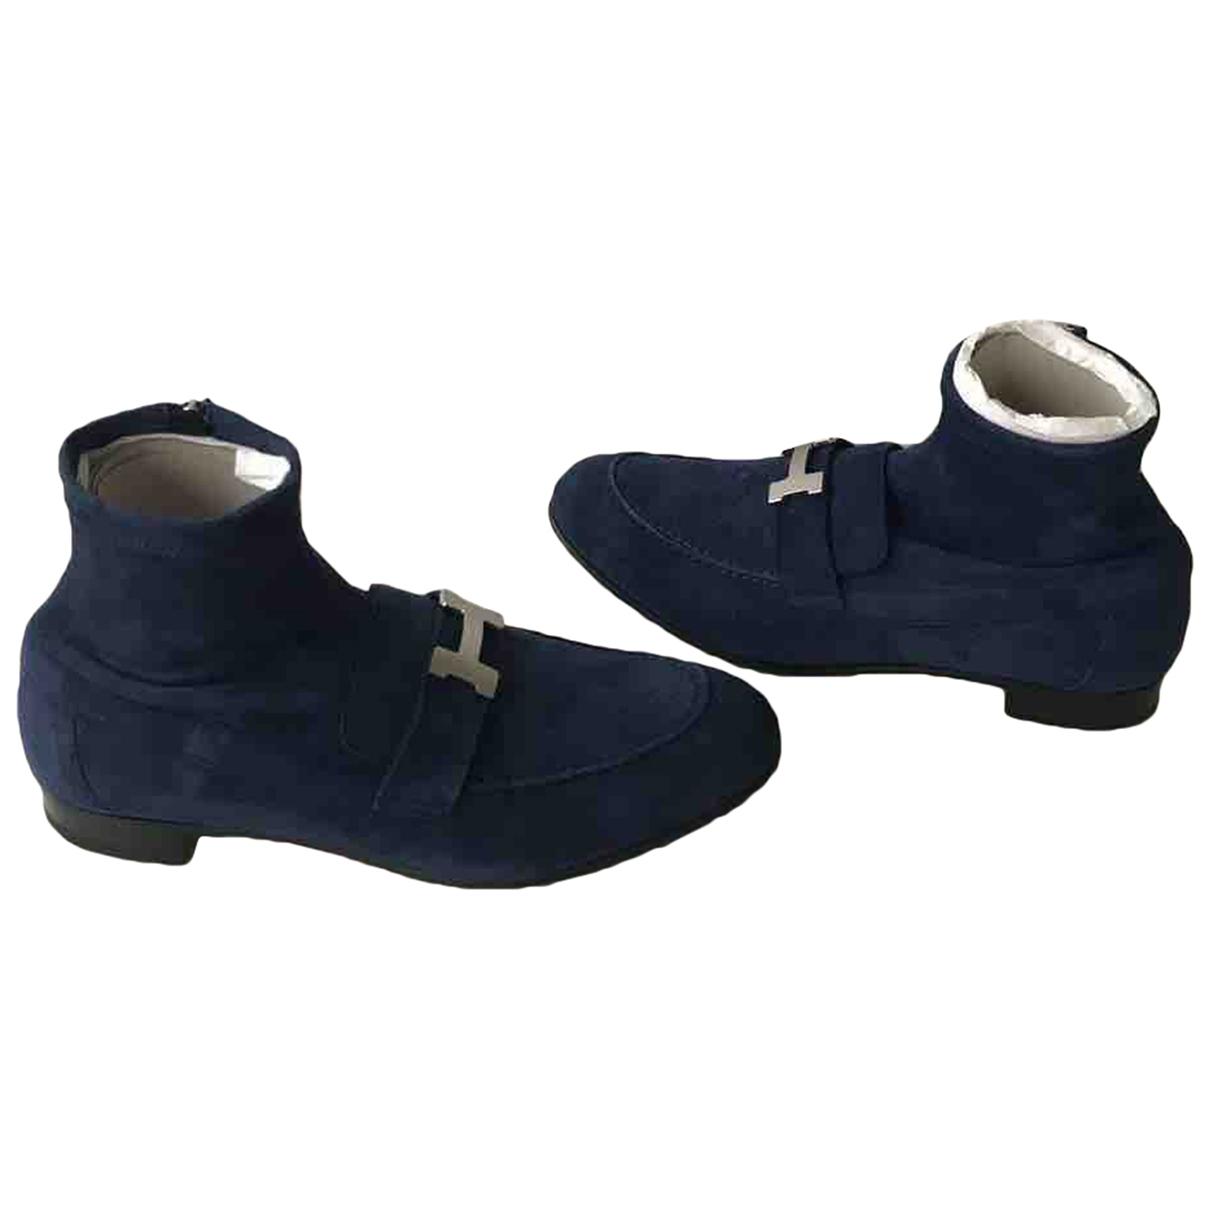 Hermes - Boots Saint-Honore pour femme en suede - bleu